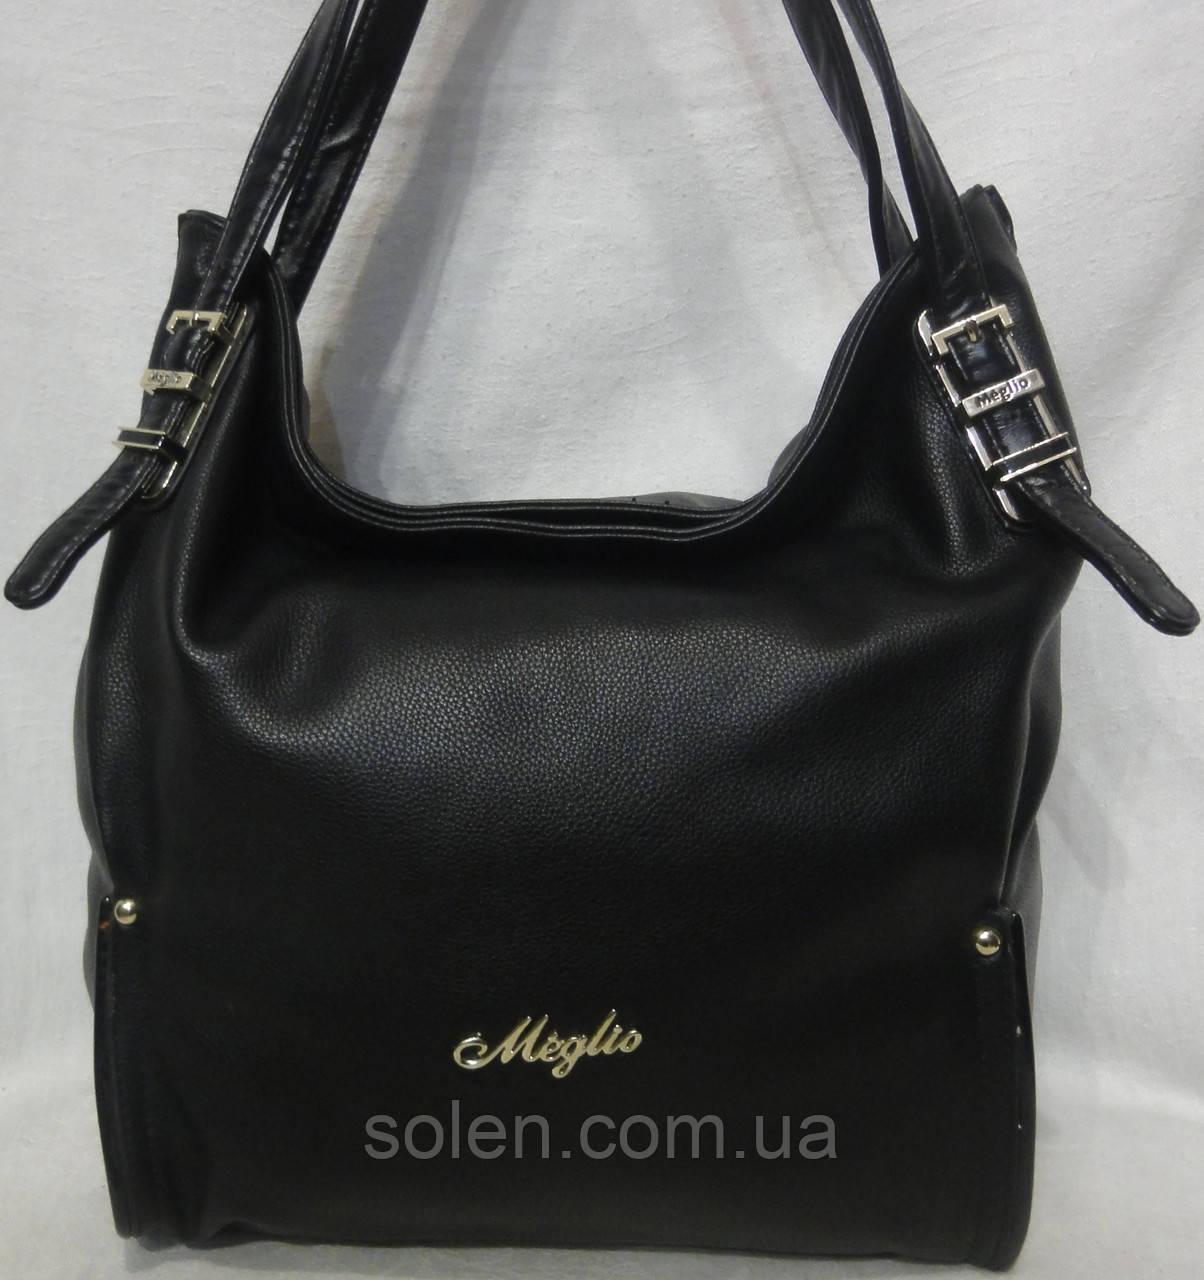 8414f766c8dd Стильная женская сумка.: продажа, цена в Харькове. женские сумочки и ...